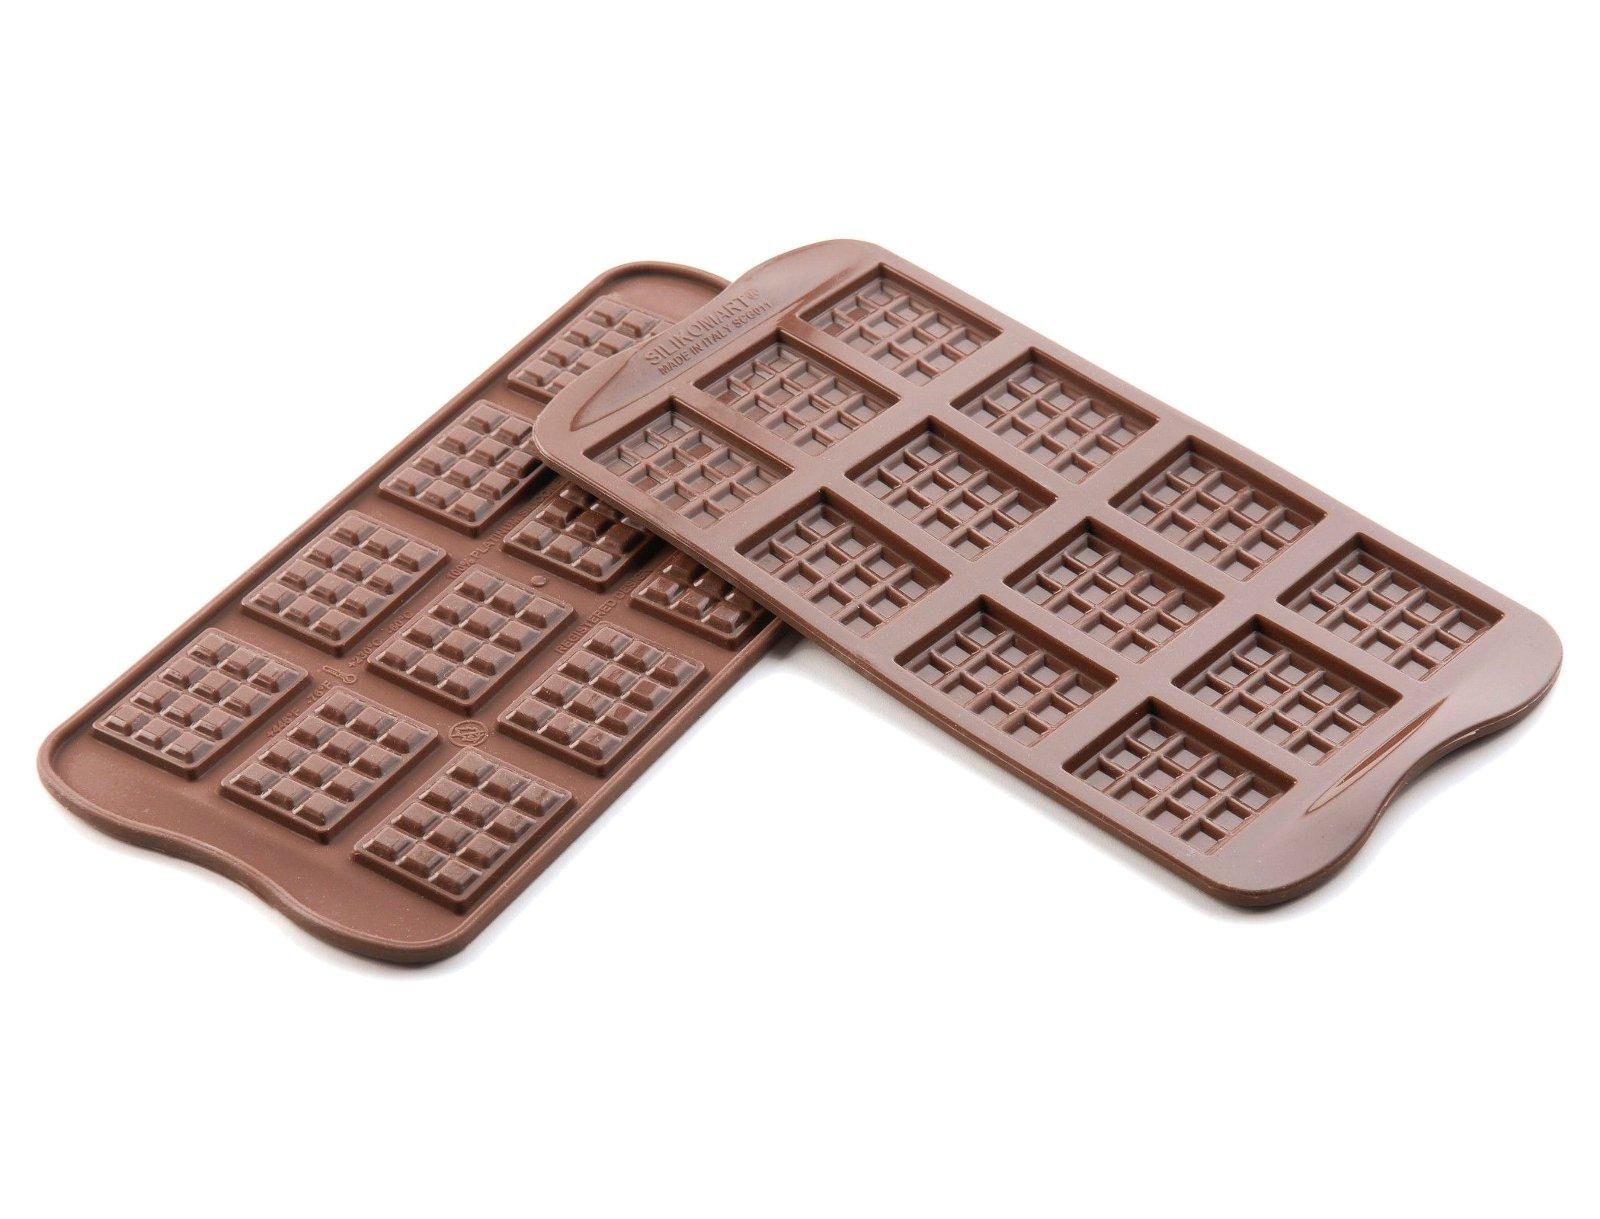 Φόρμα σιλικόνης για σοκολατάκια Tablette SCG11